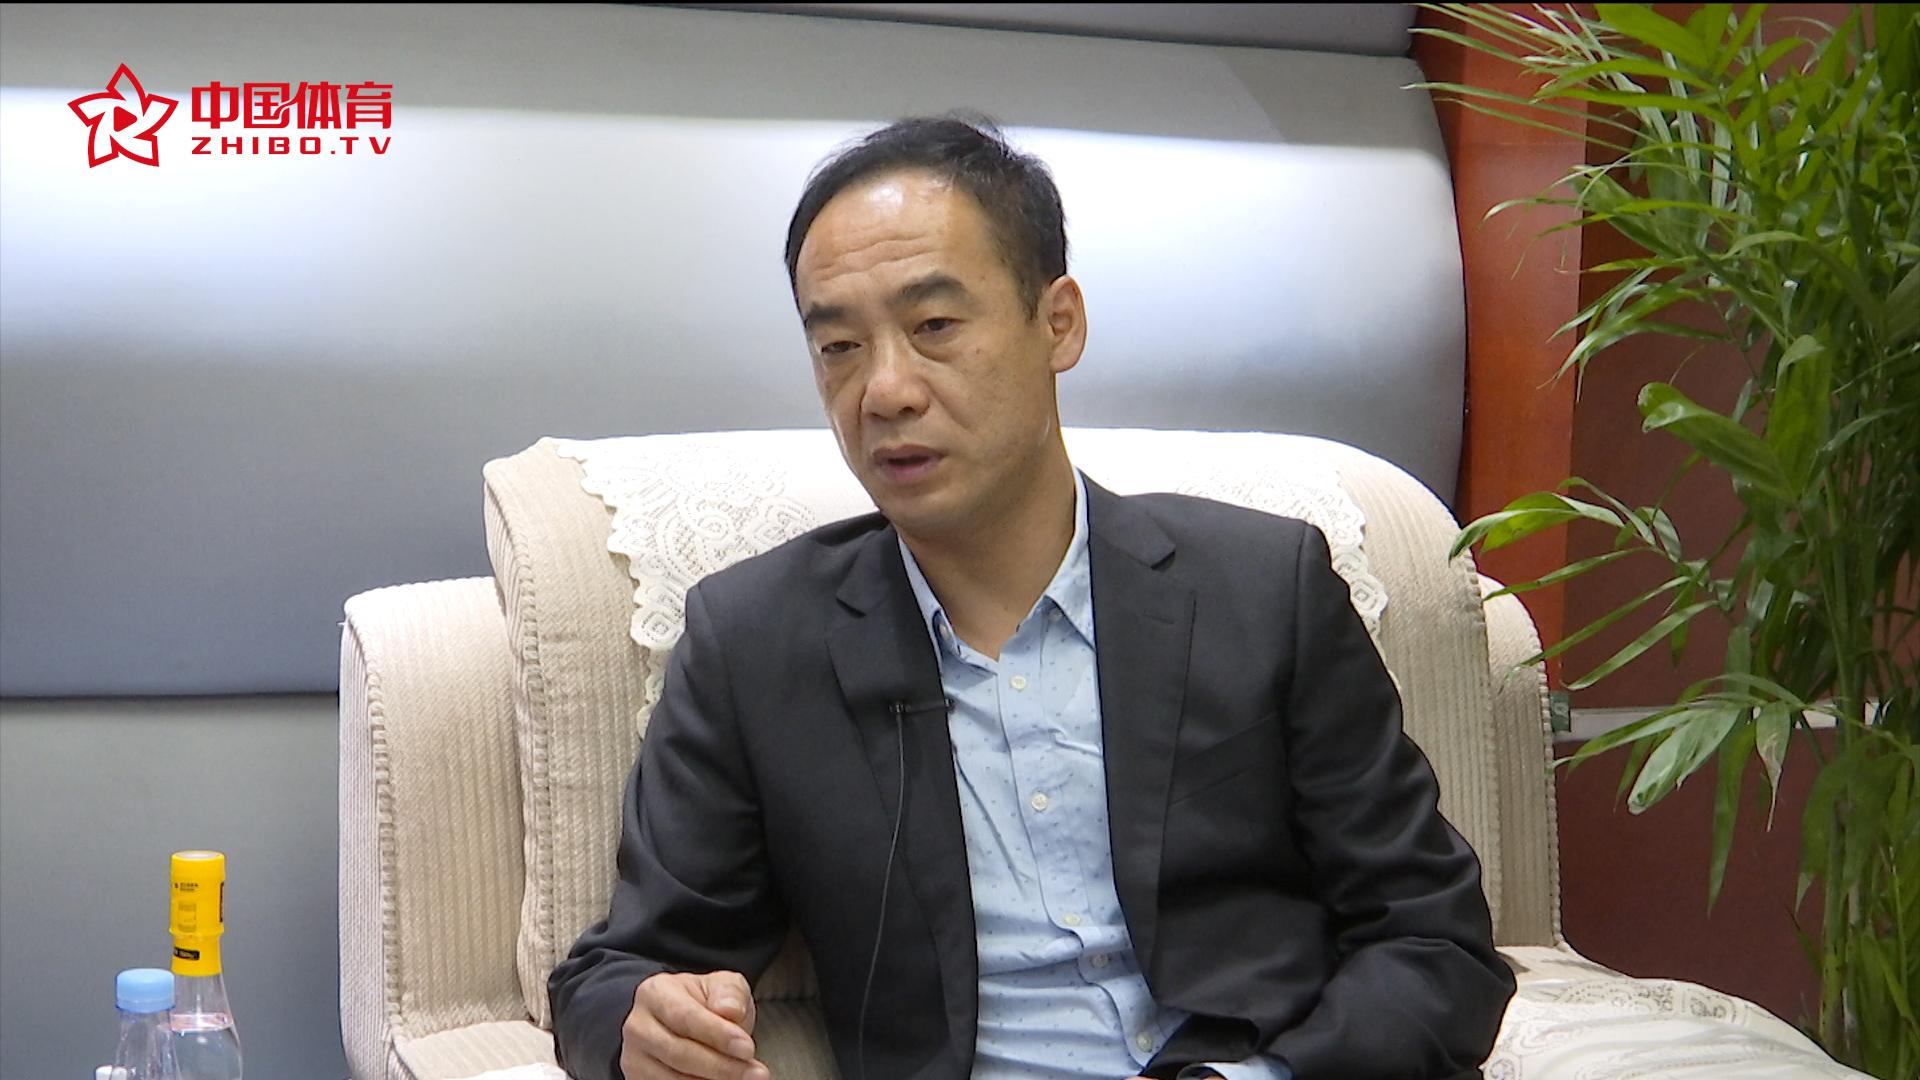 中台协秘书长刘春胜:台协杯是行业全面复工复产的标志,将逐步举办更多国际赛事!